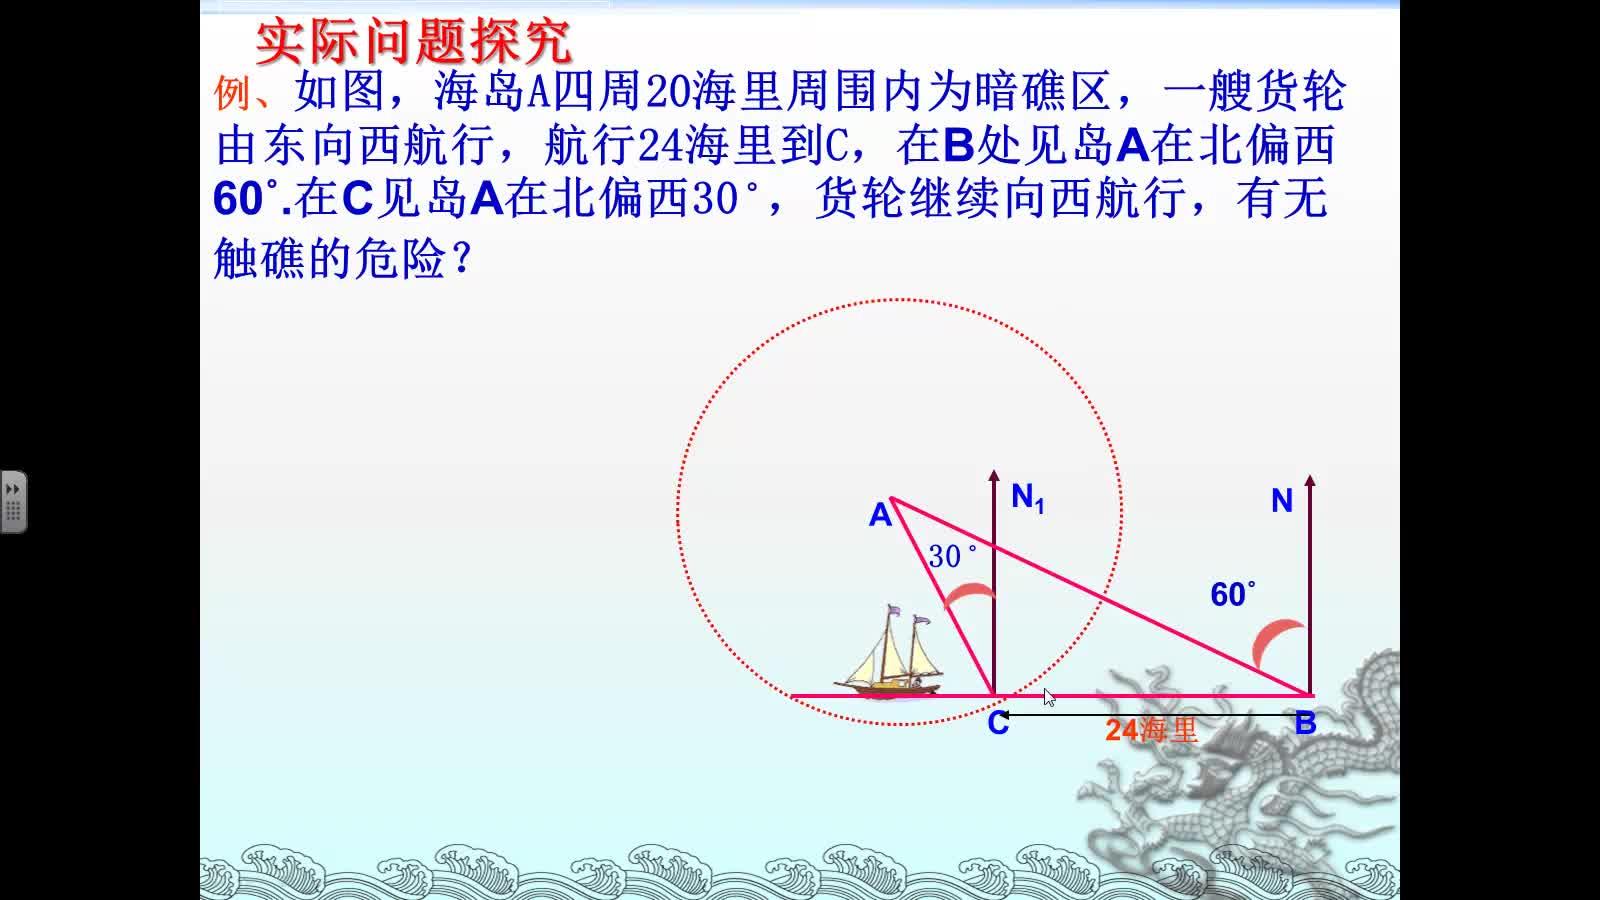 人教版 九年级数学下册 解直角三角形的应用-方位角